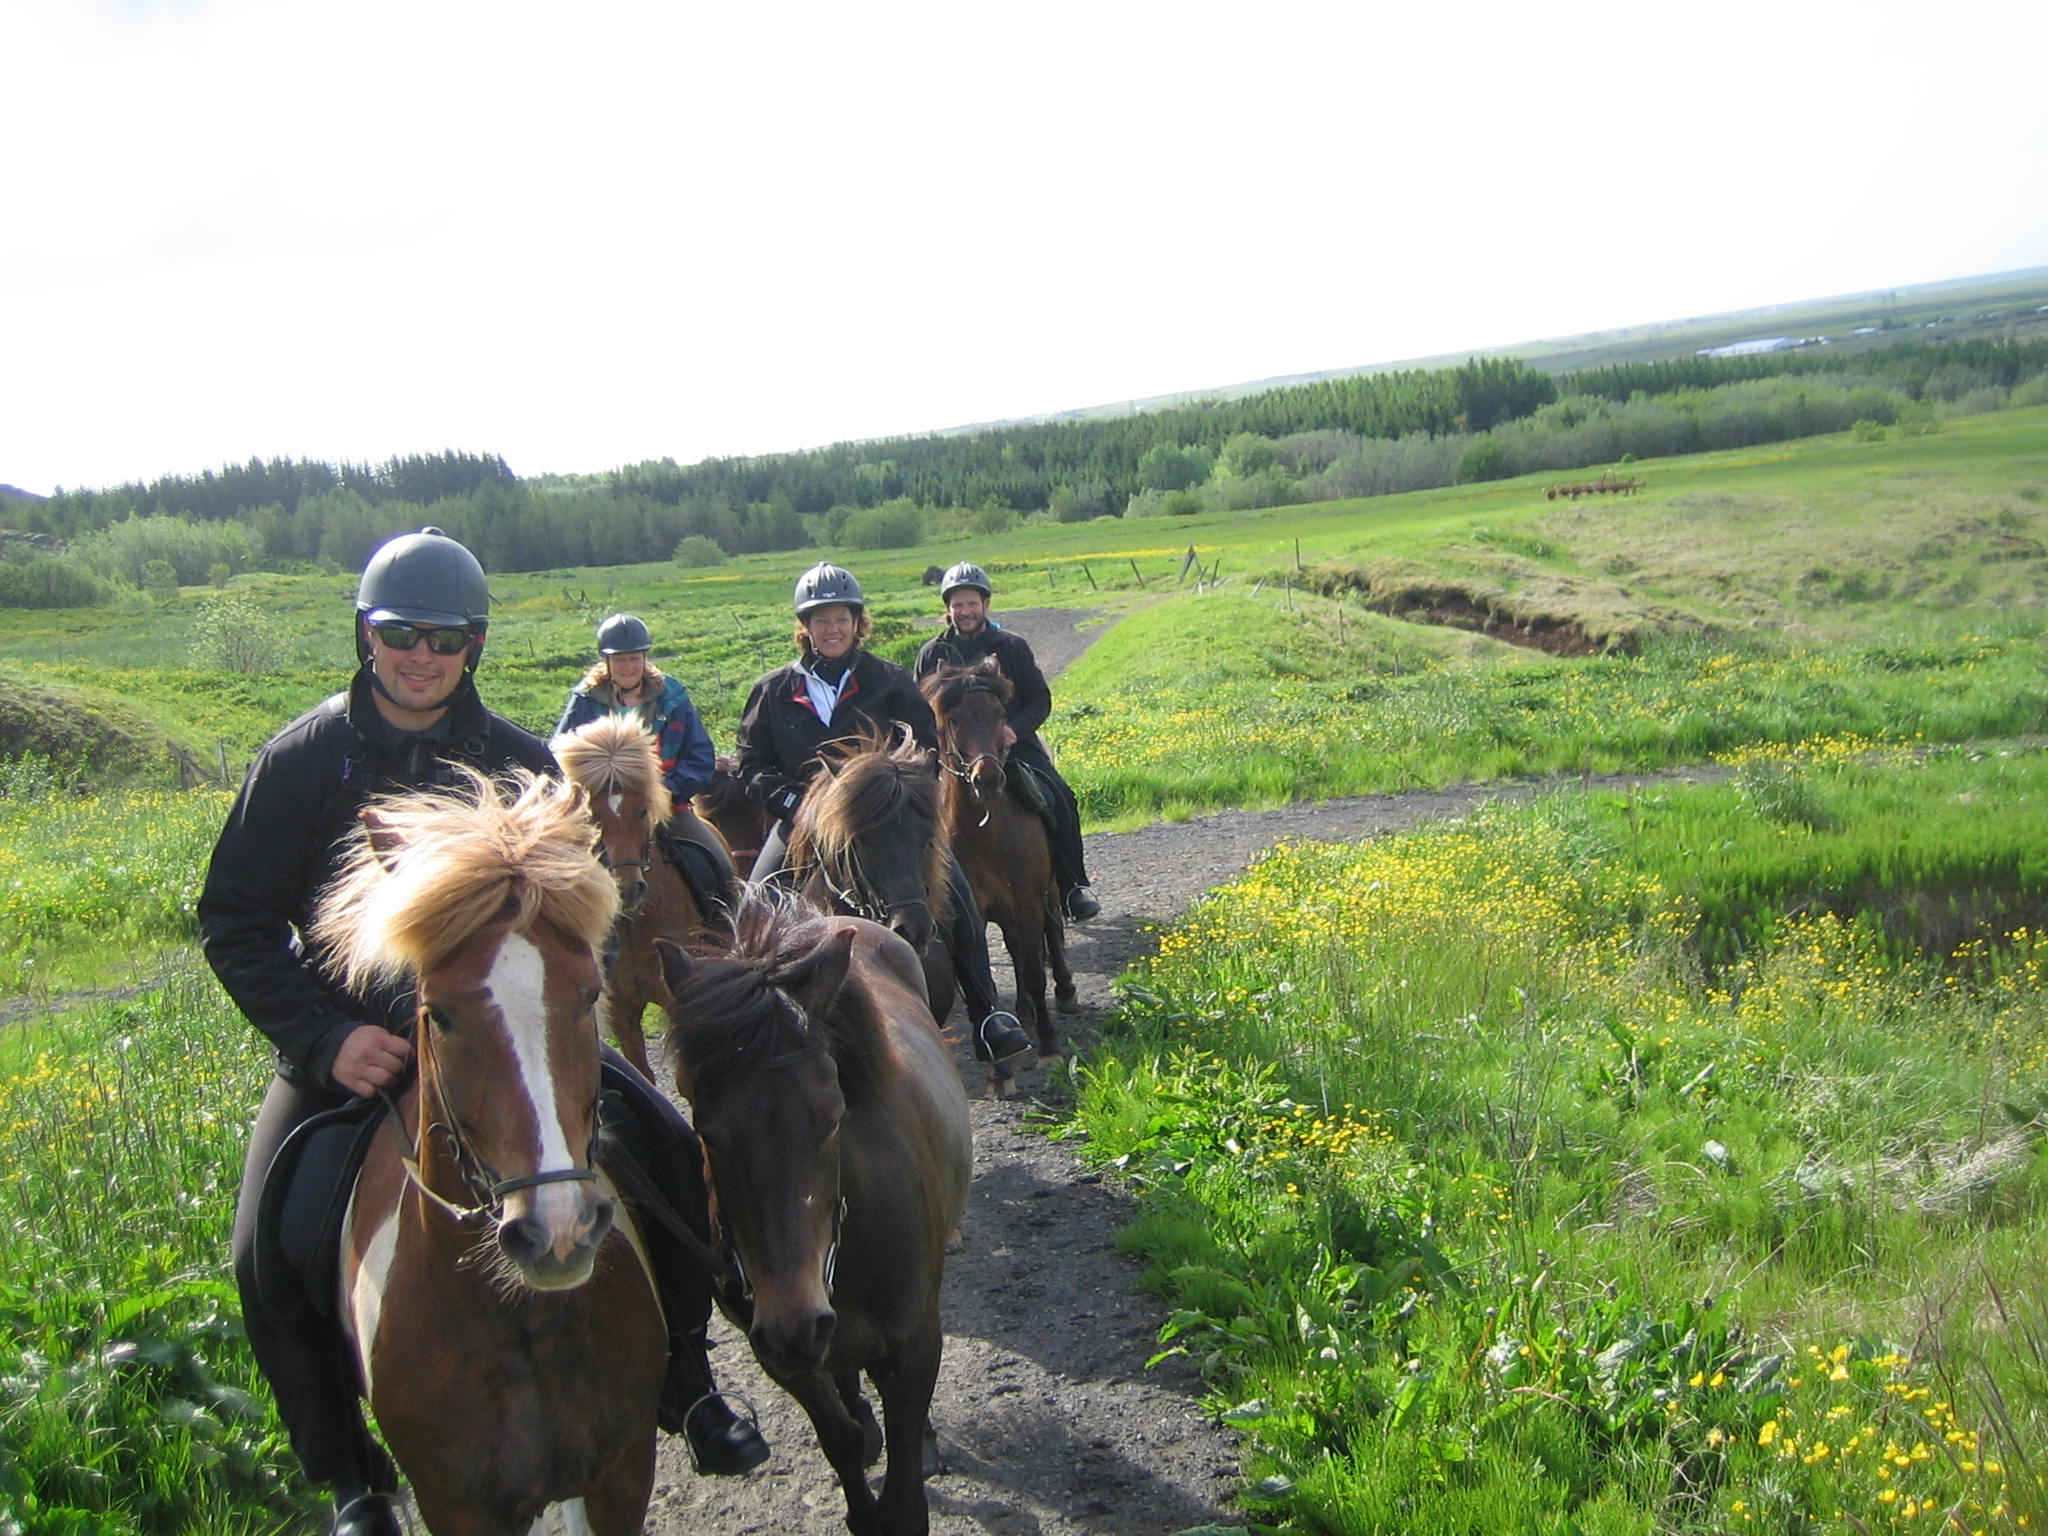 アイスランド南海岸の田舎を楽しむ乗馬ツアー、初心者向けの入門コースは家族旅行におすすめ!